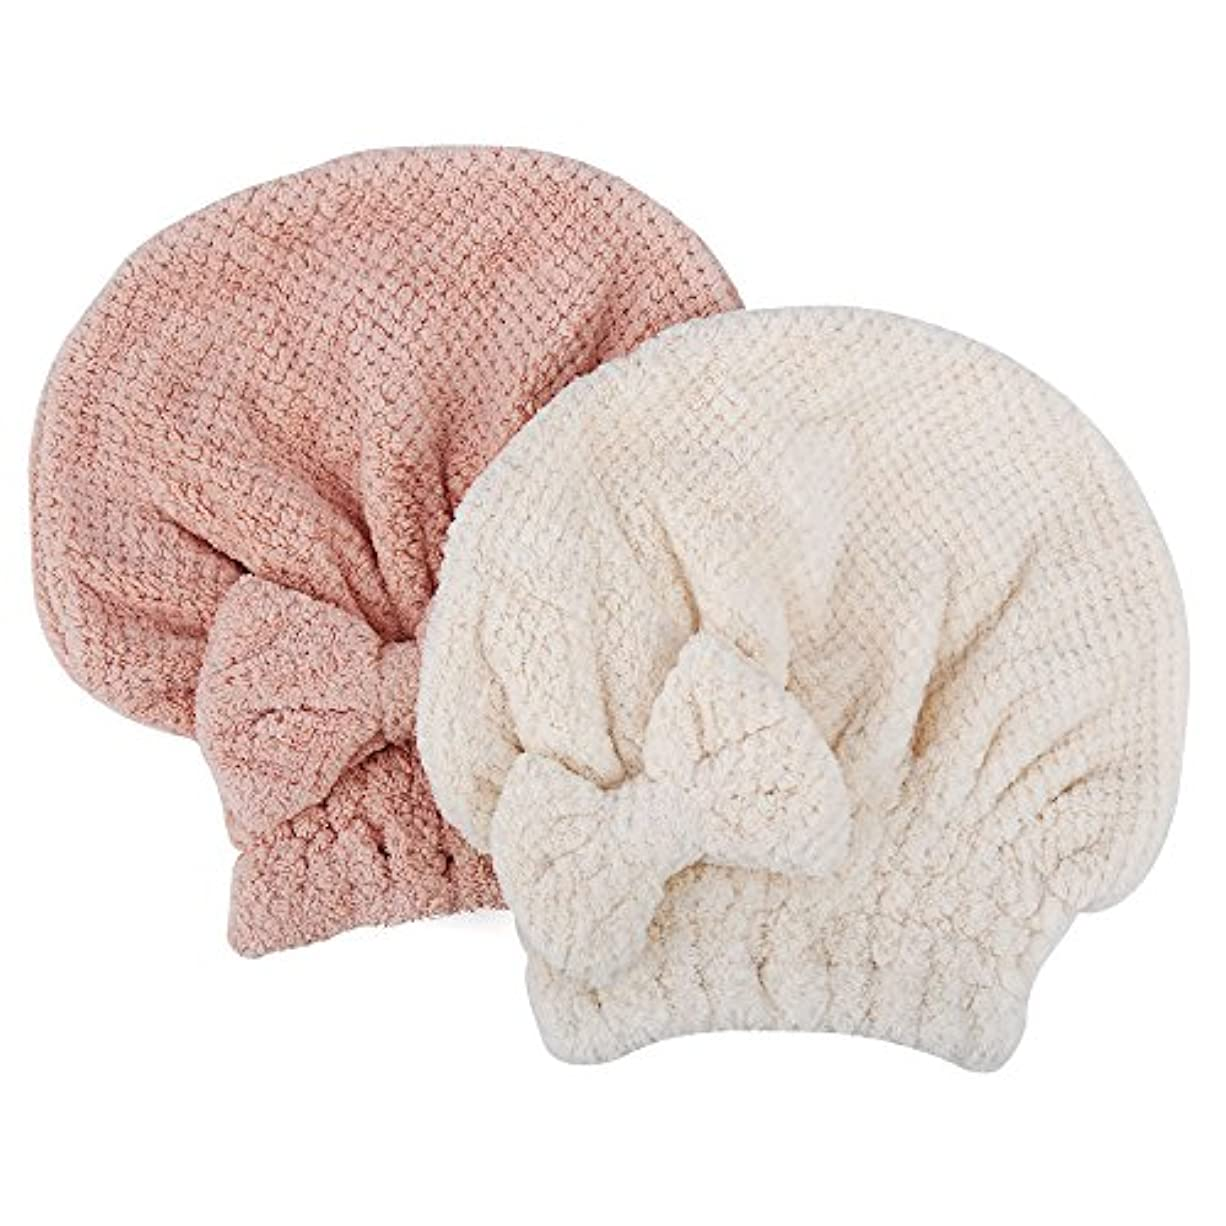 暗黙誇り染色KISENG タオルキャップ 2枚セット ヘアドライタオル 短髪の人向き ヘアキャップ 吸水タオル 速乾 ふわふわ お風呂 バス用品 (ピンク+ホワイト)